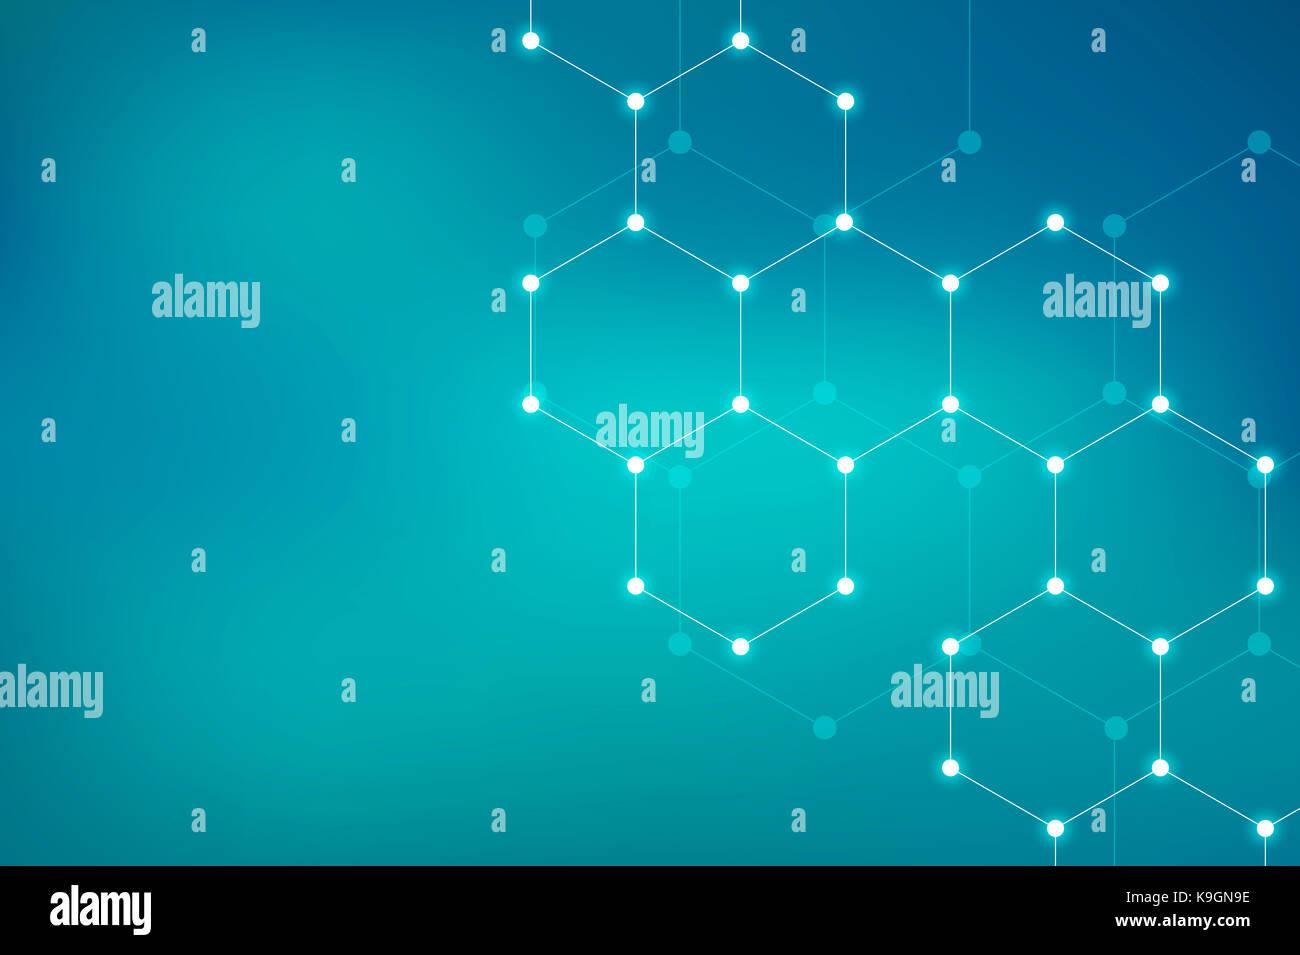 Molekül Dna Genetischen Und Chemischen Verbindungen